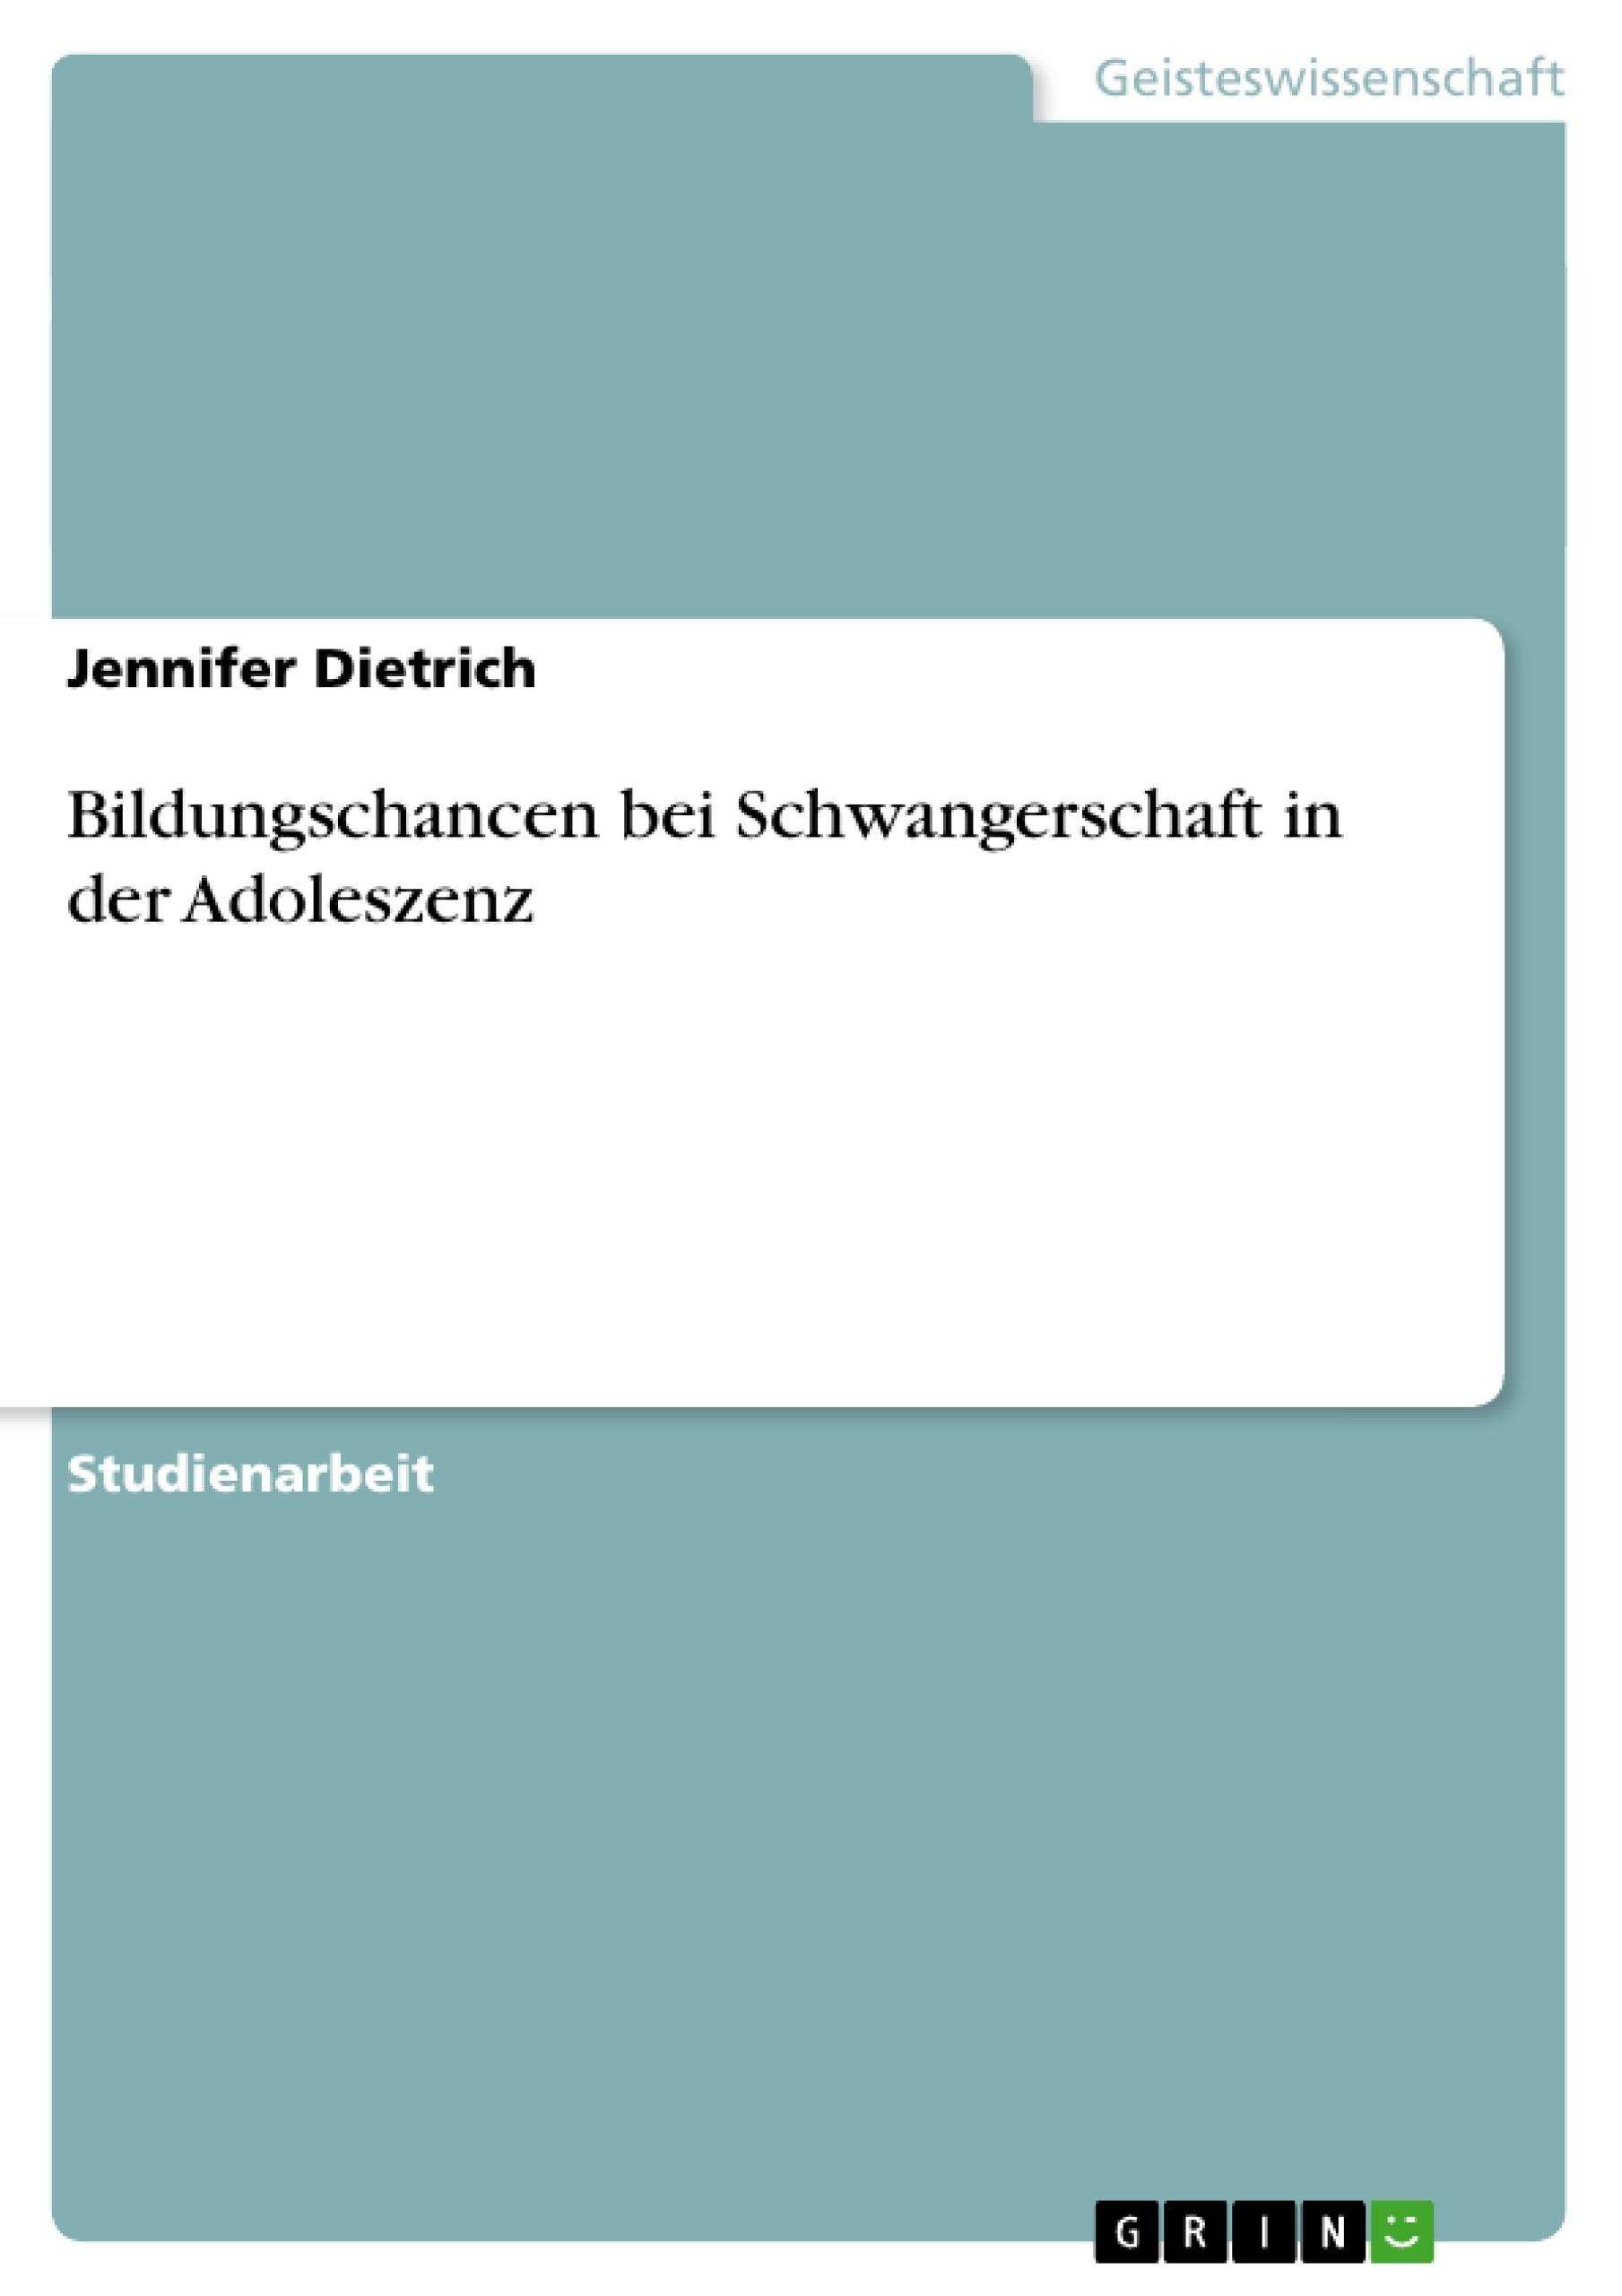 Titel: Bildungschancen bei Schwangerschaft in der Adoleszenz